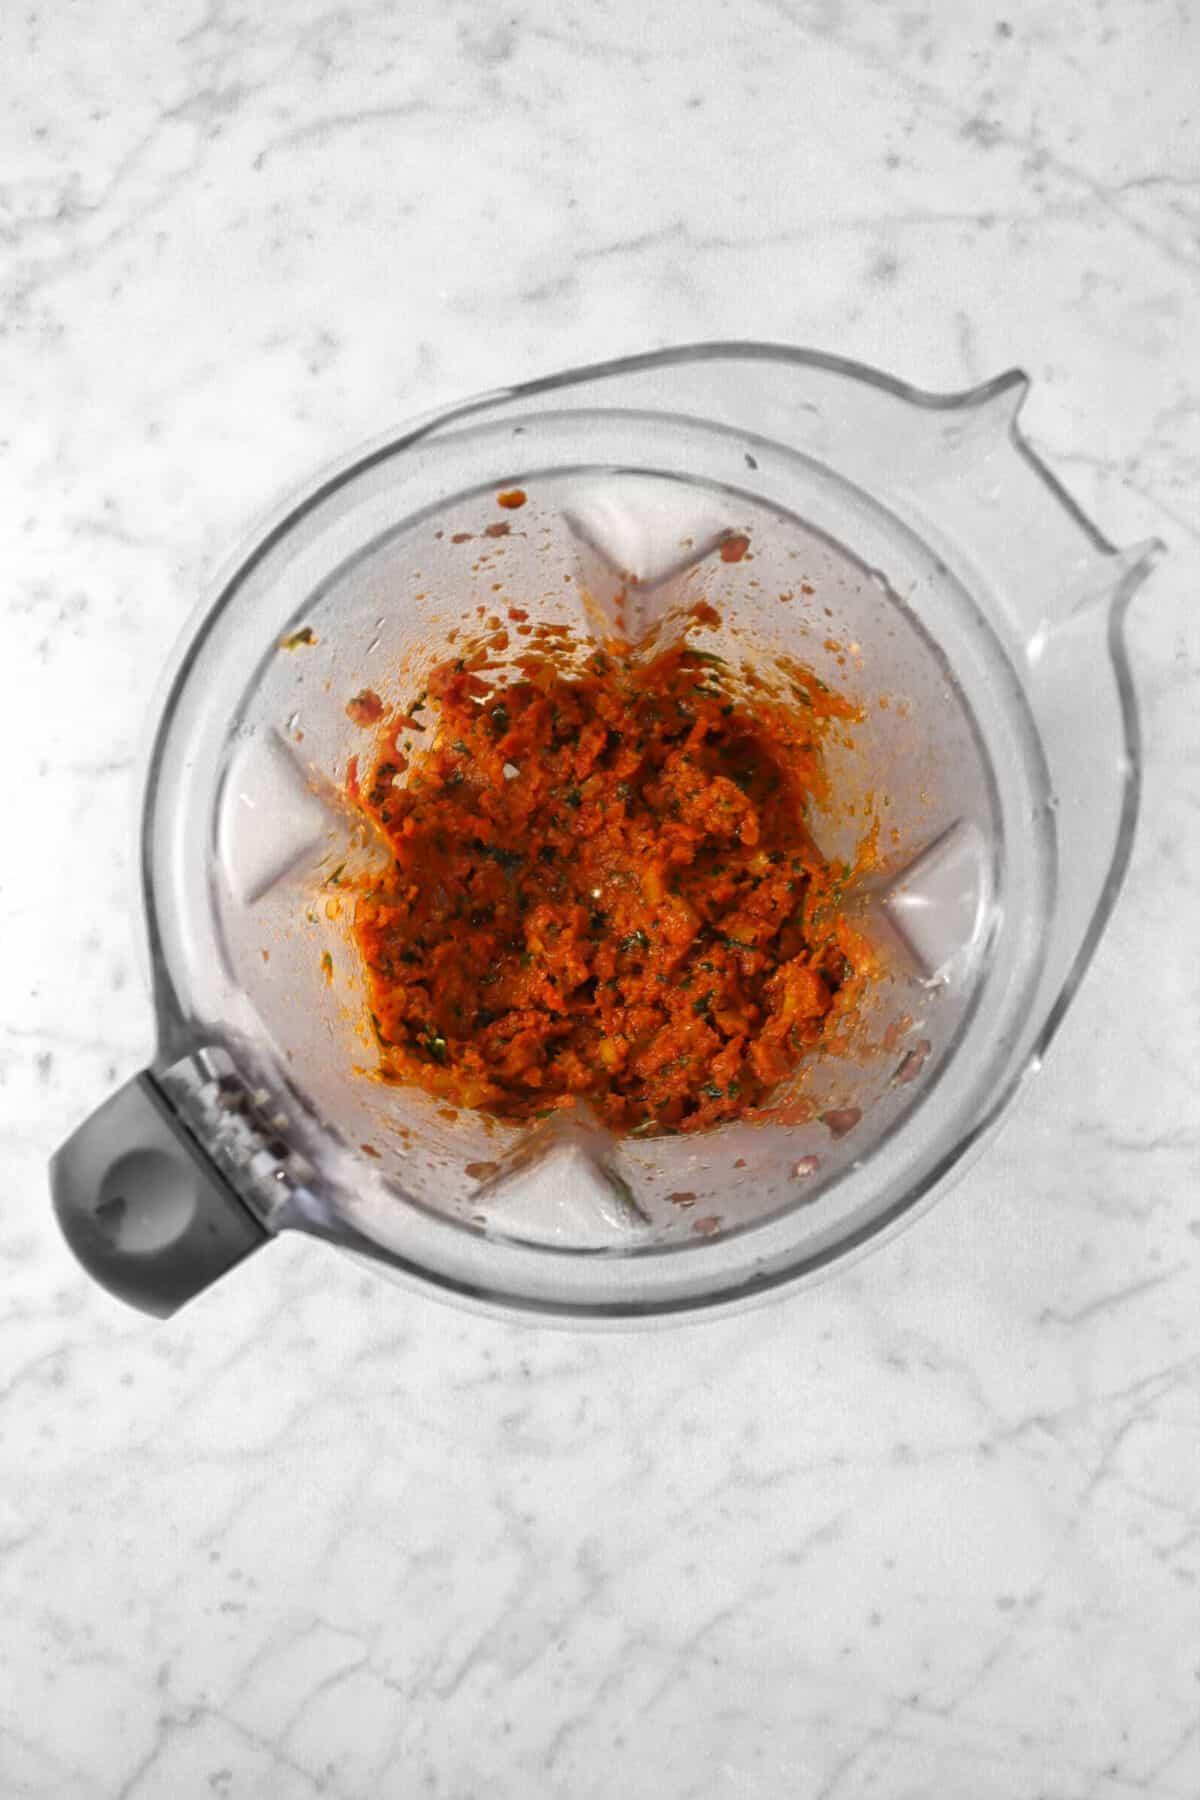 tomato pesto in a blender